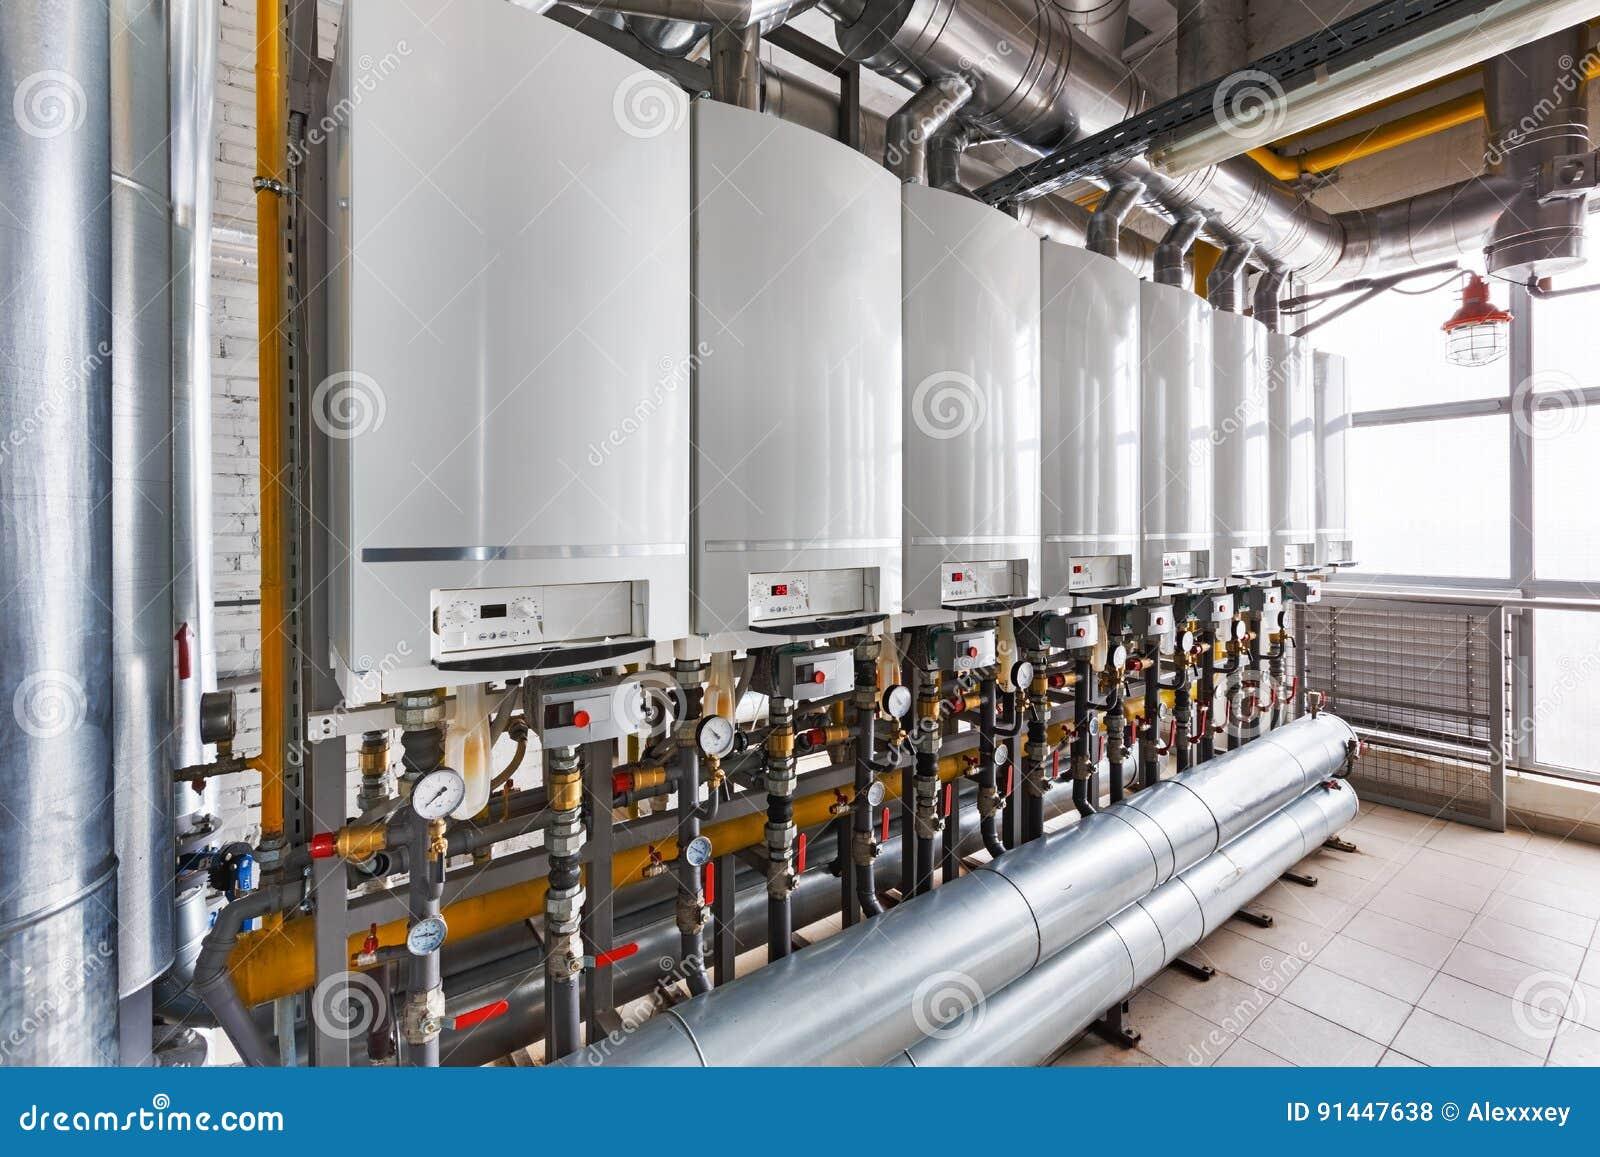 Intérieur d industriel, chaufferie de gaz avec beaucoup de chaudières a